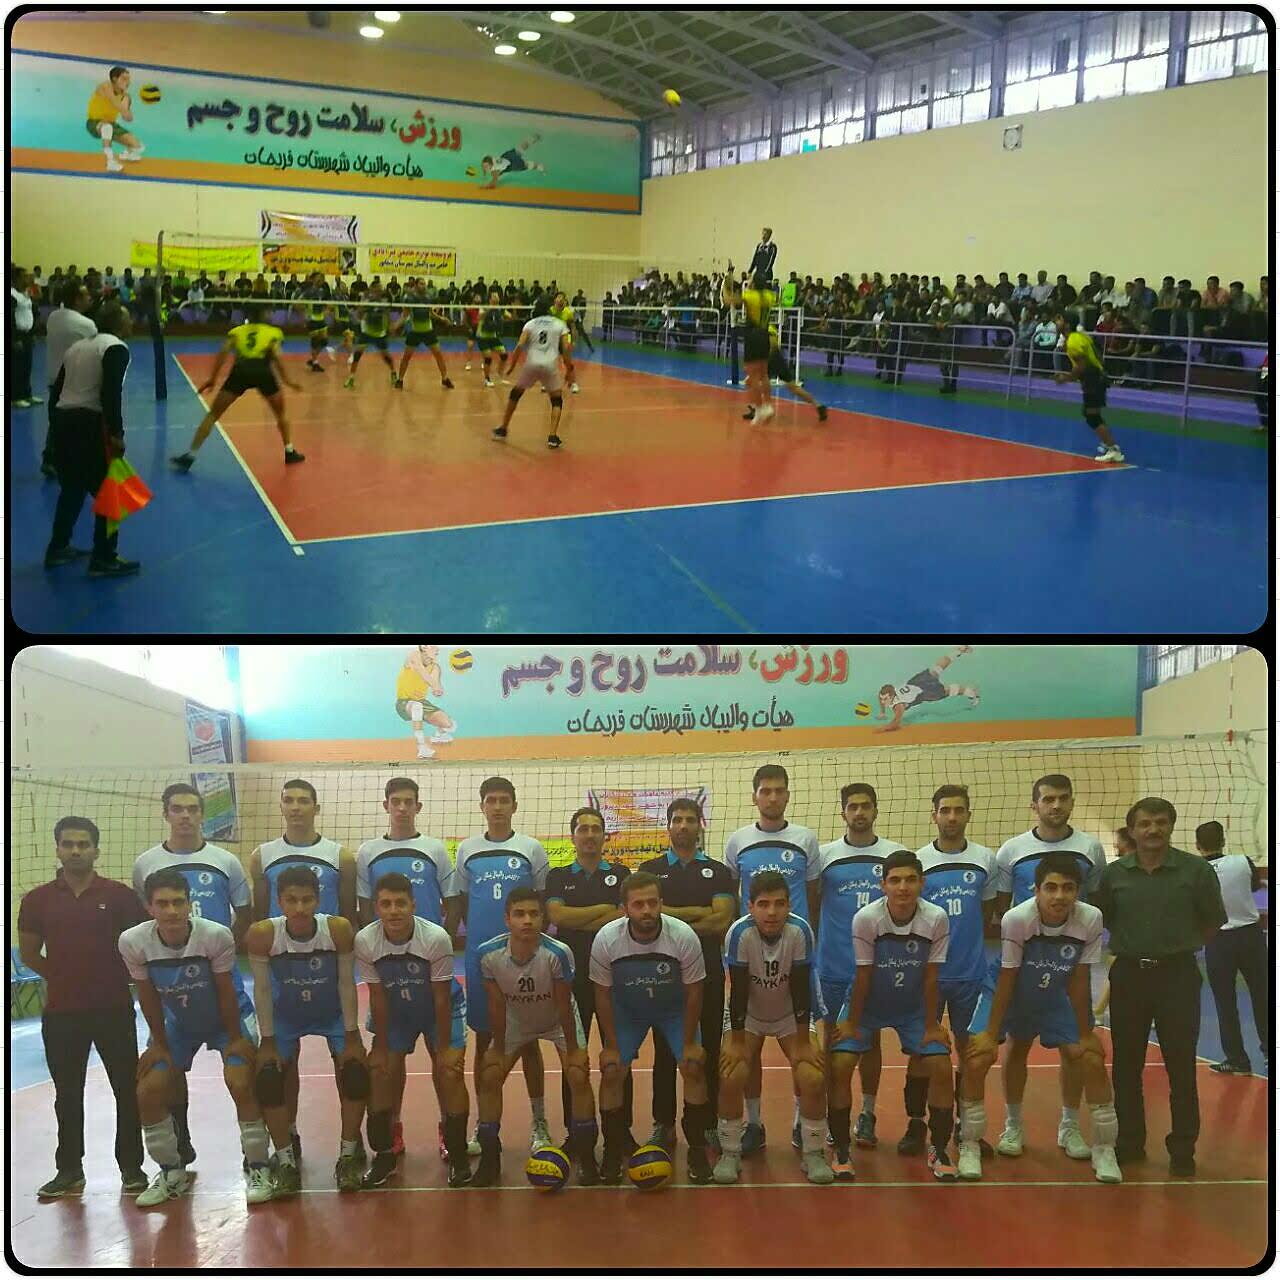 کسب مقام دوم مسابقات والیبال سوپر لیگ استان توسط فریمان